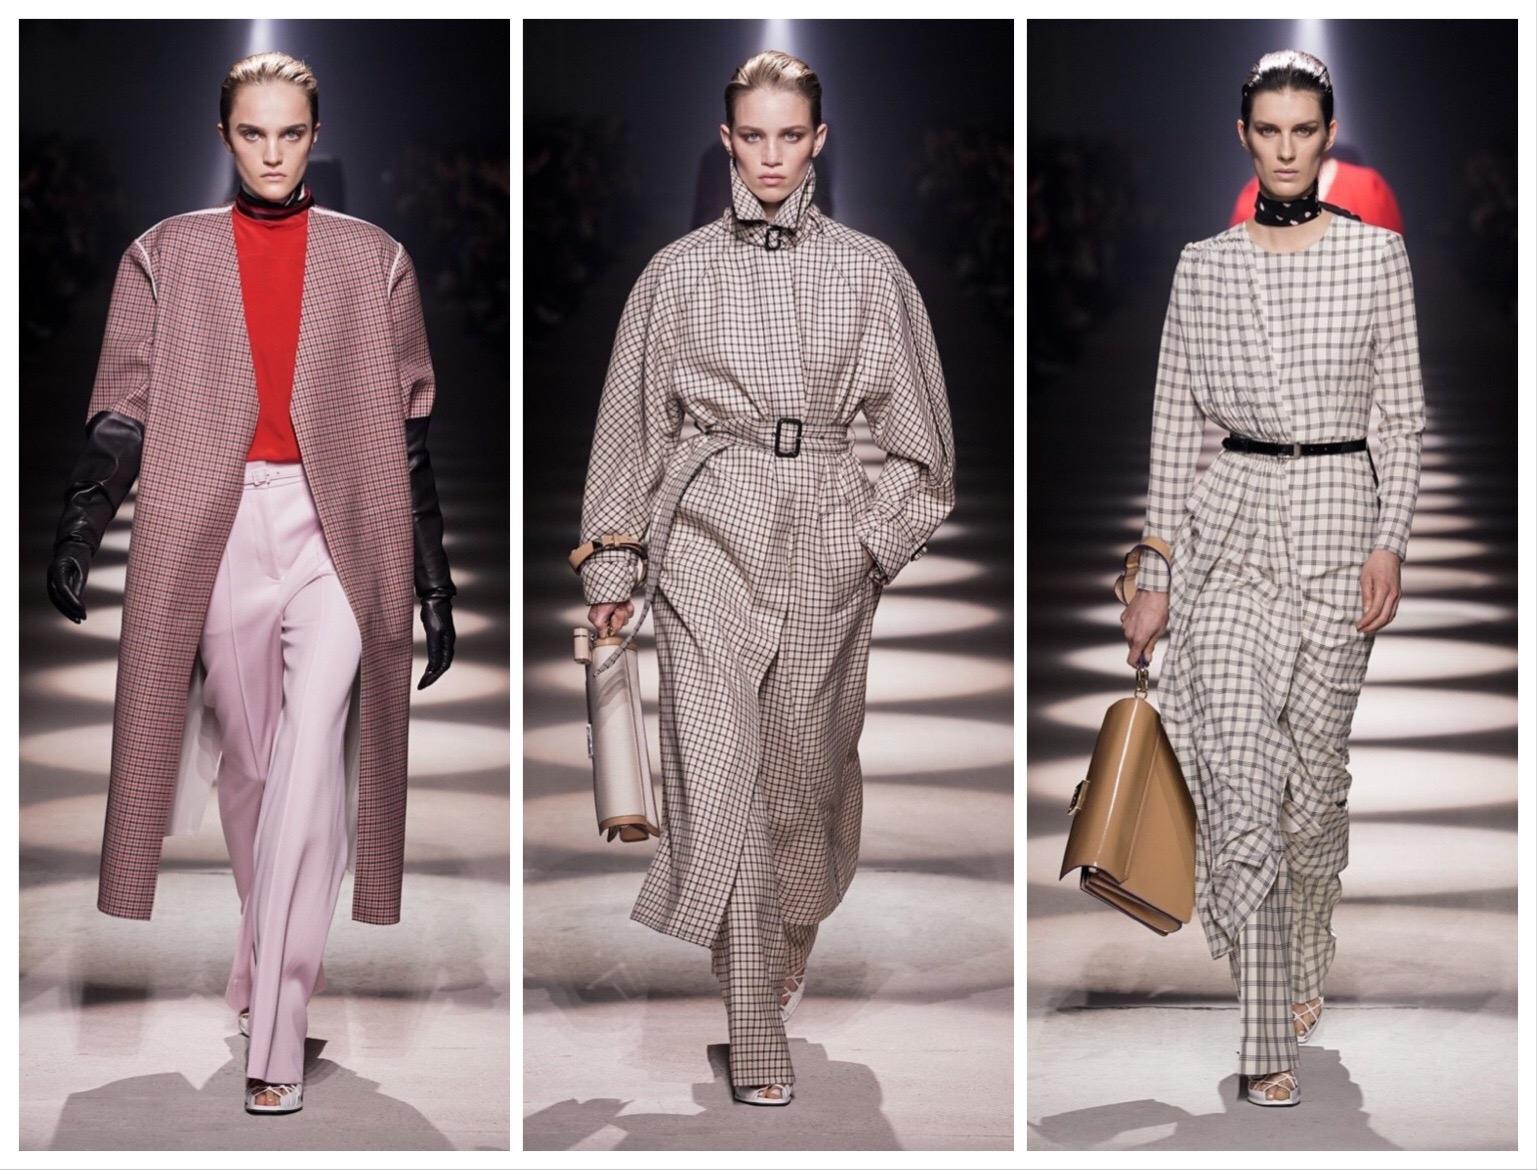 Глубина и сила женщины в новой коллекции Givenchy (ФОТО) - фото №4